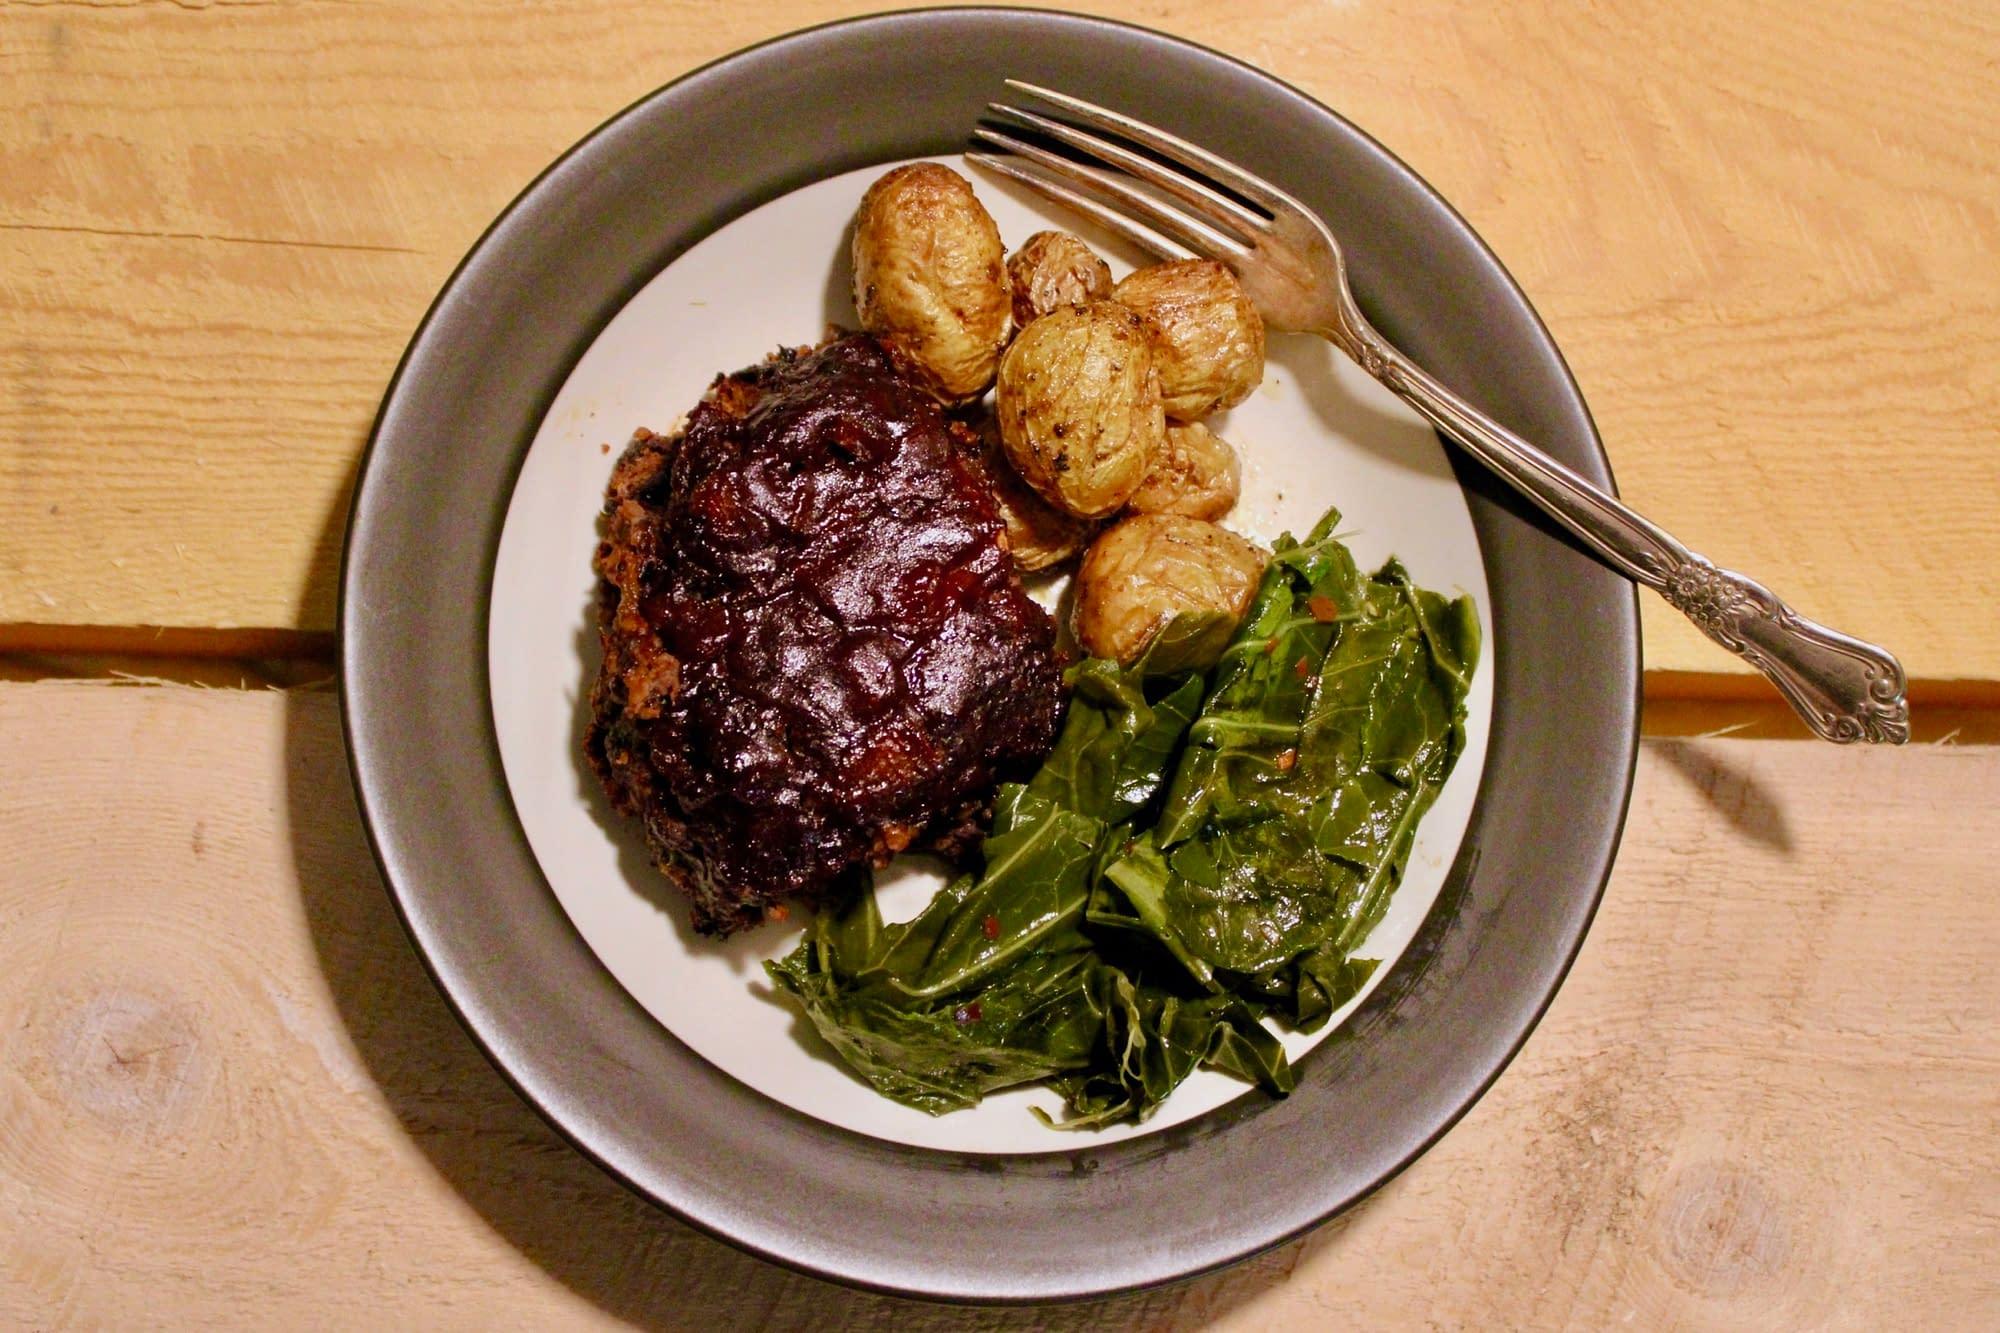 Tender vegan meatloaf from Savor + Harvest (with Karl)